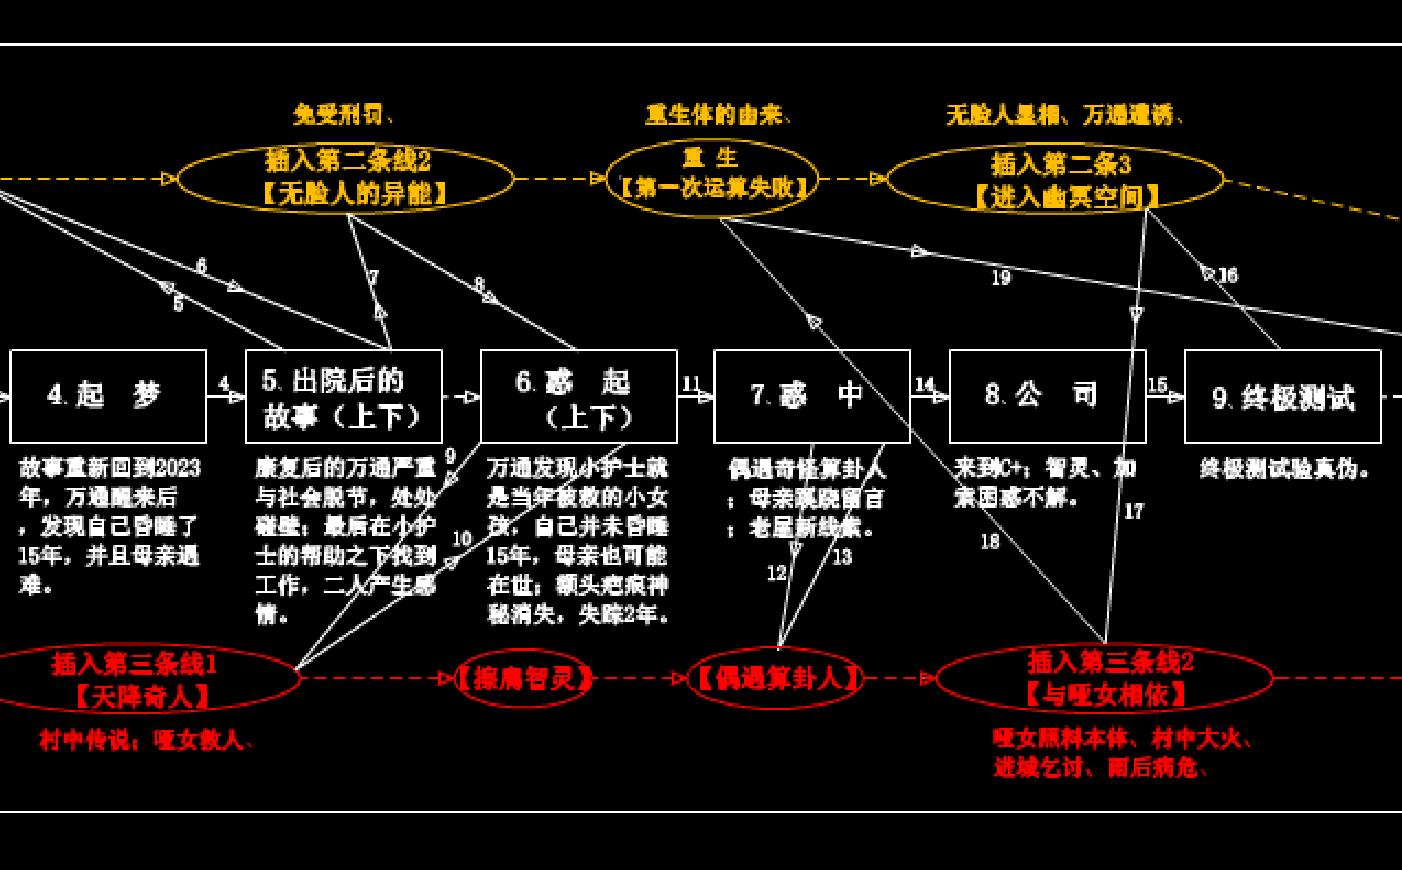 《三位一体》的CAD脉络框架图